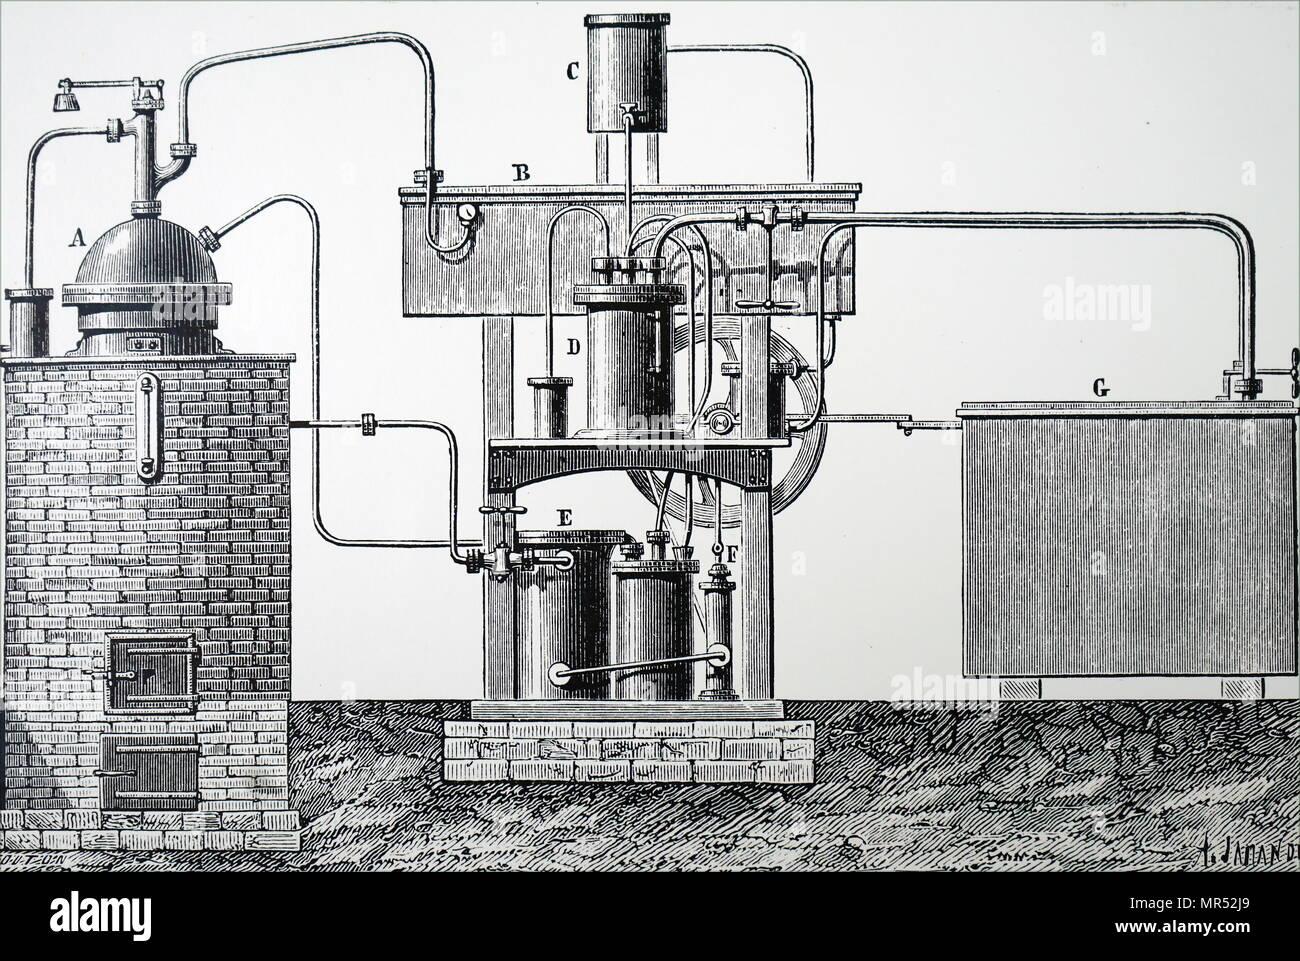 Illustrazione raffigurante Edmond Carré di apparecchiatura per la produzione in grande scala di ghiaccio. Datata del XIX secolo Immagini Stock